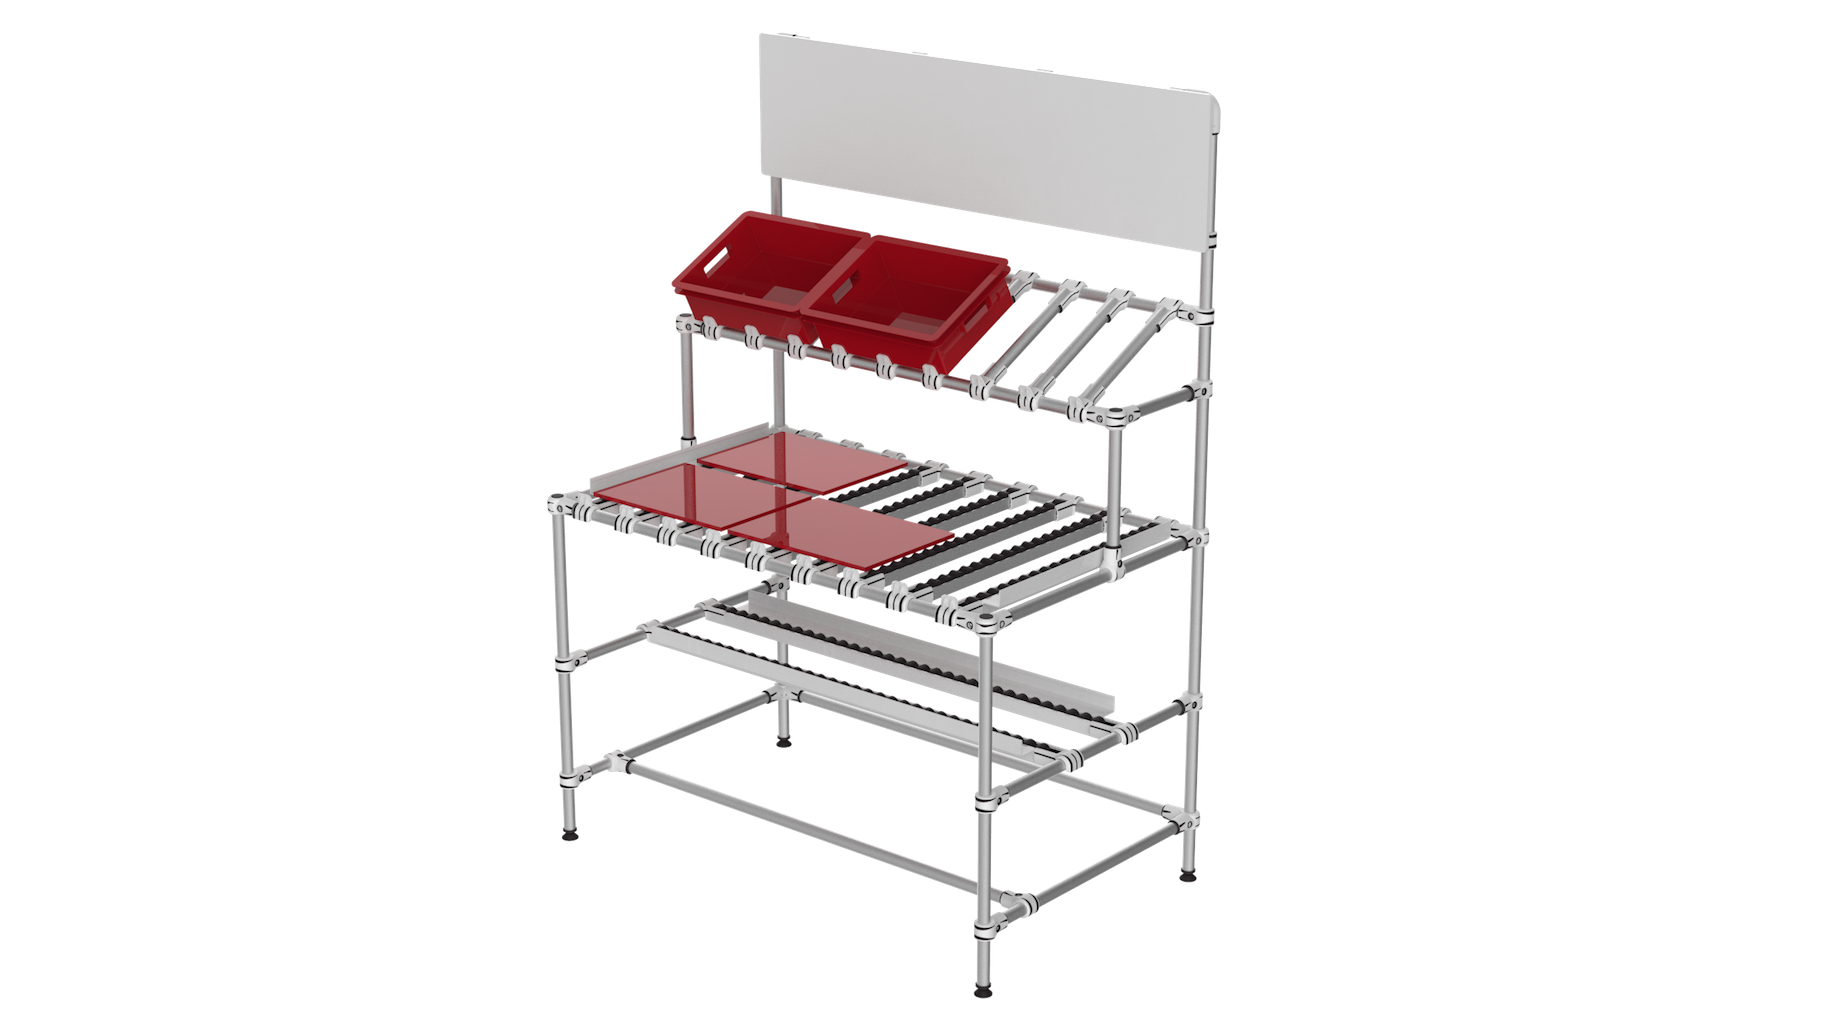 Conveyor FIFO workbench